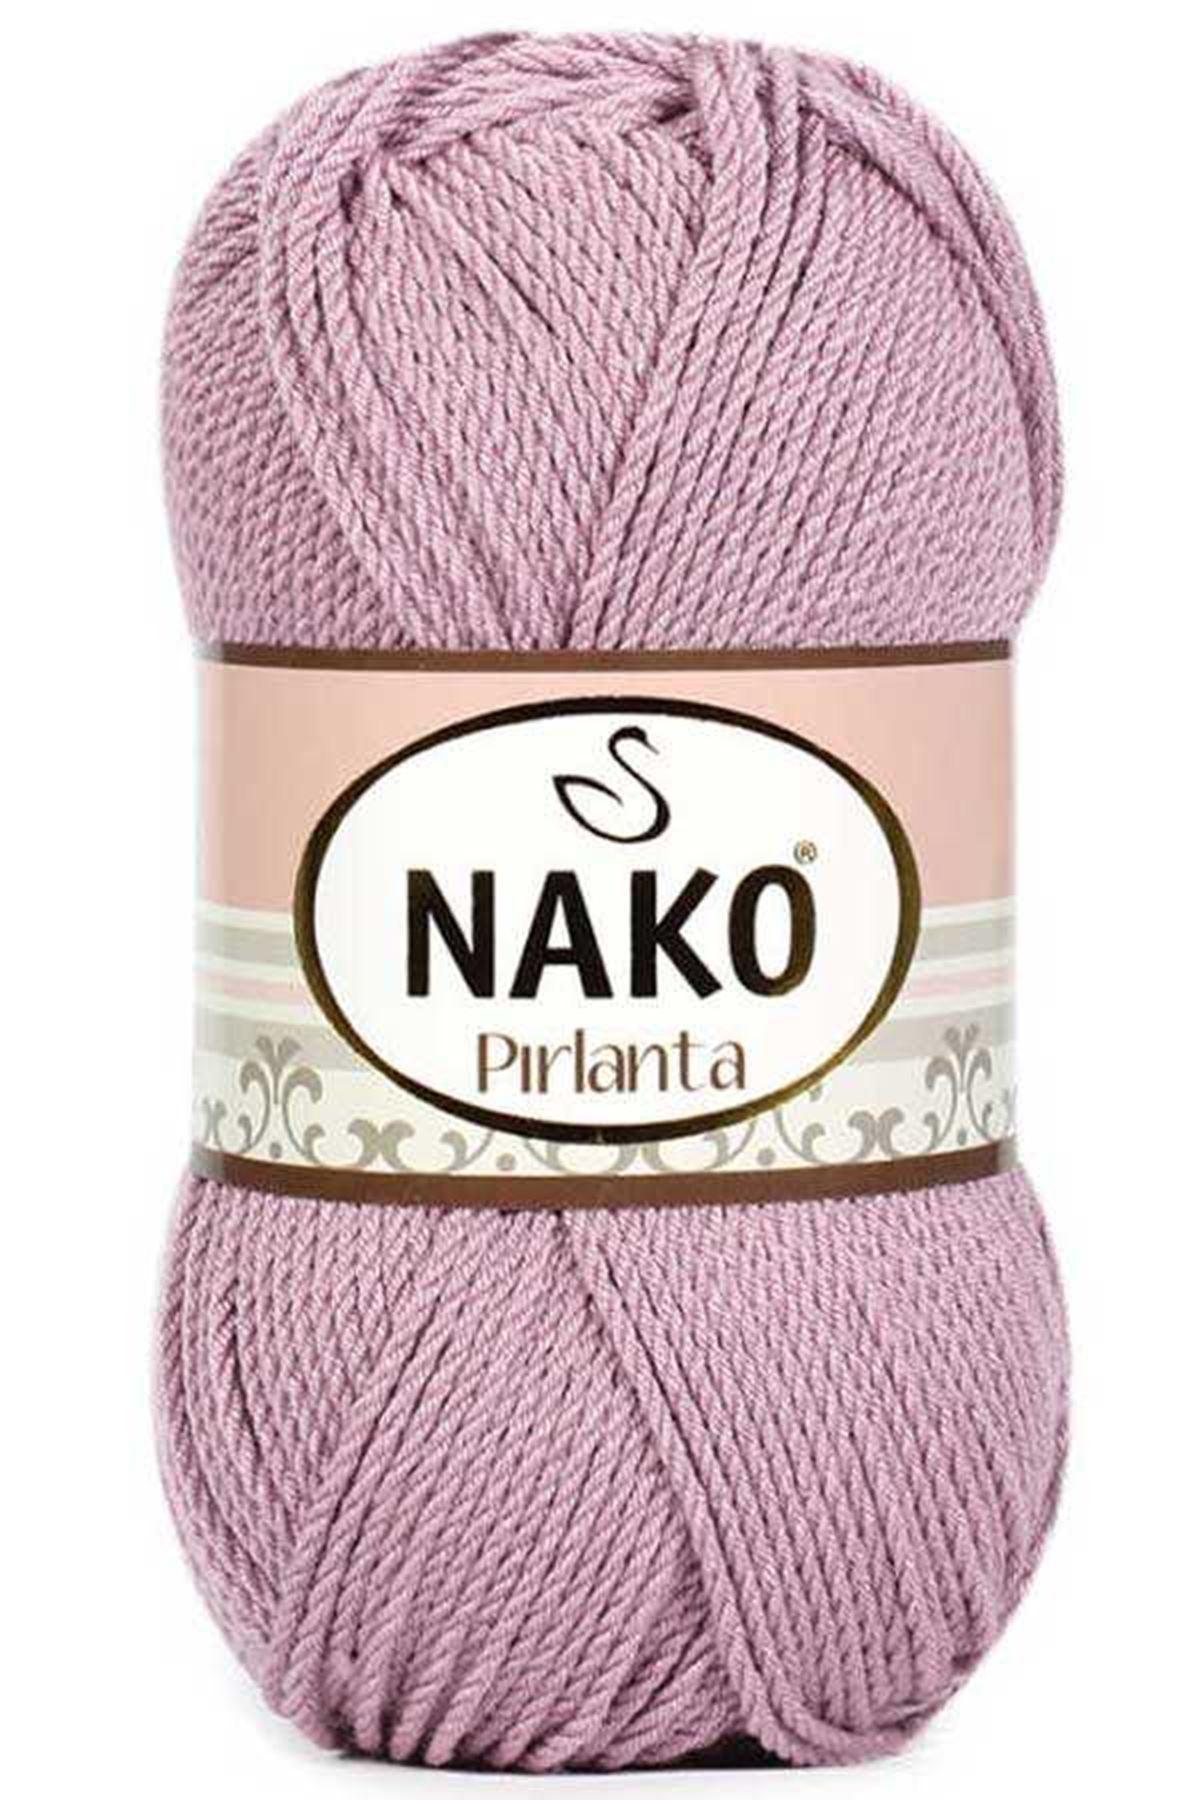 Nako Pırlanta-10639 Pudra